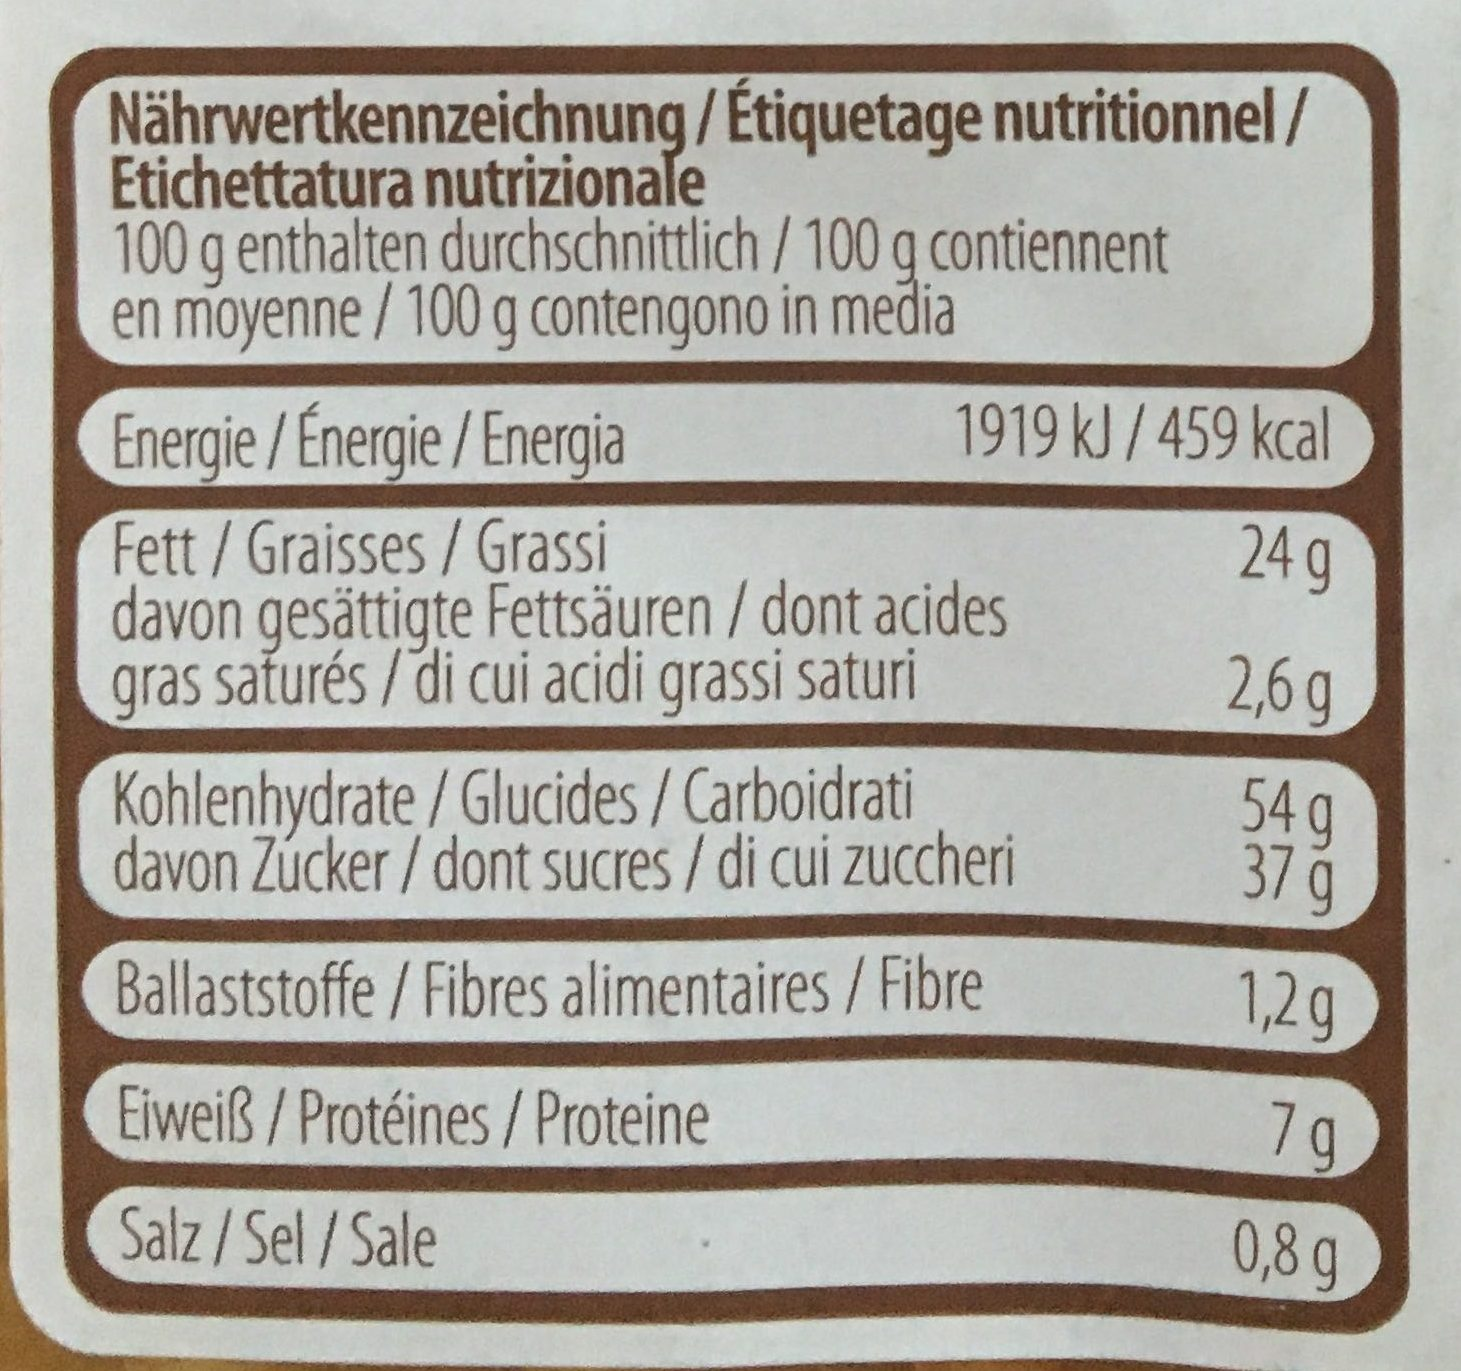 Frischeiwaffen - Nutrition facts